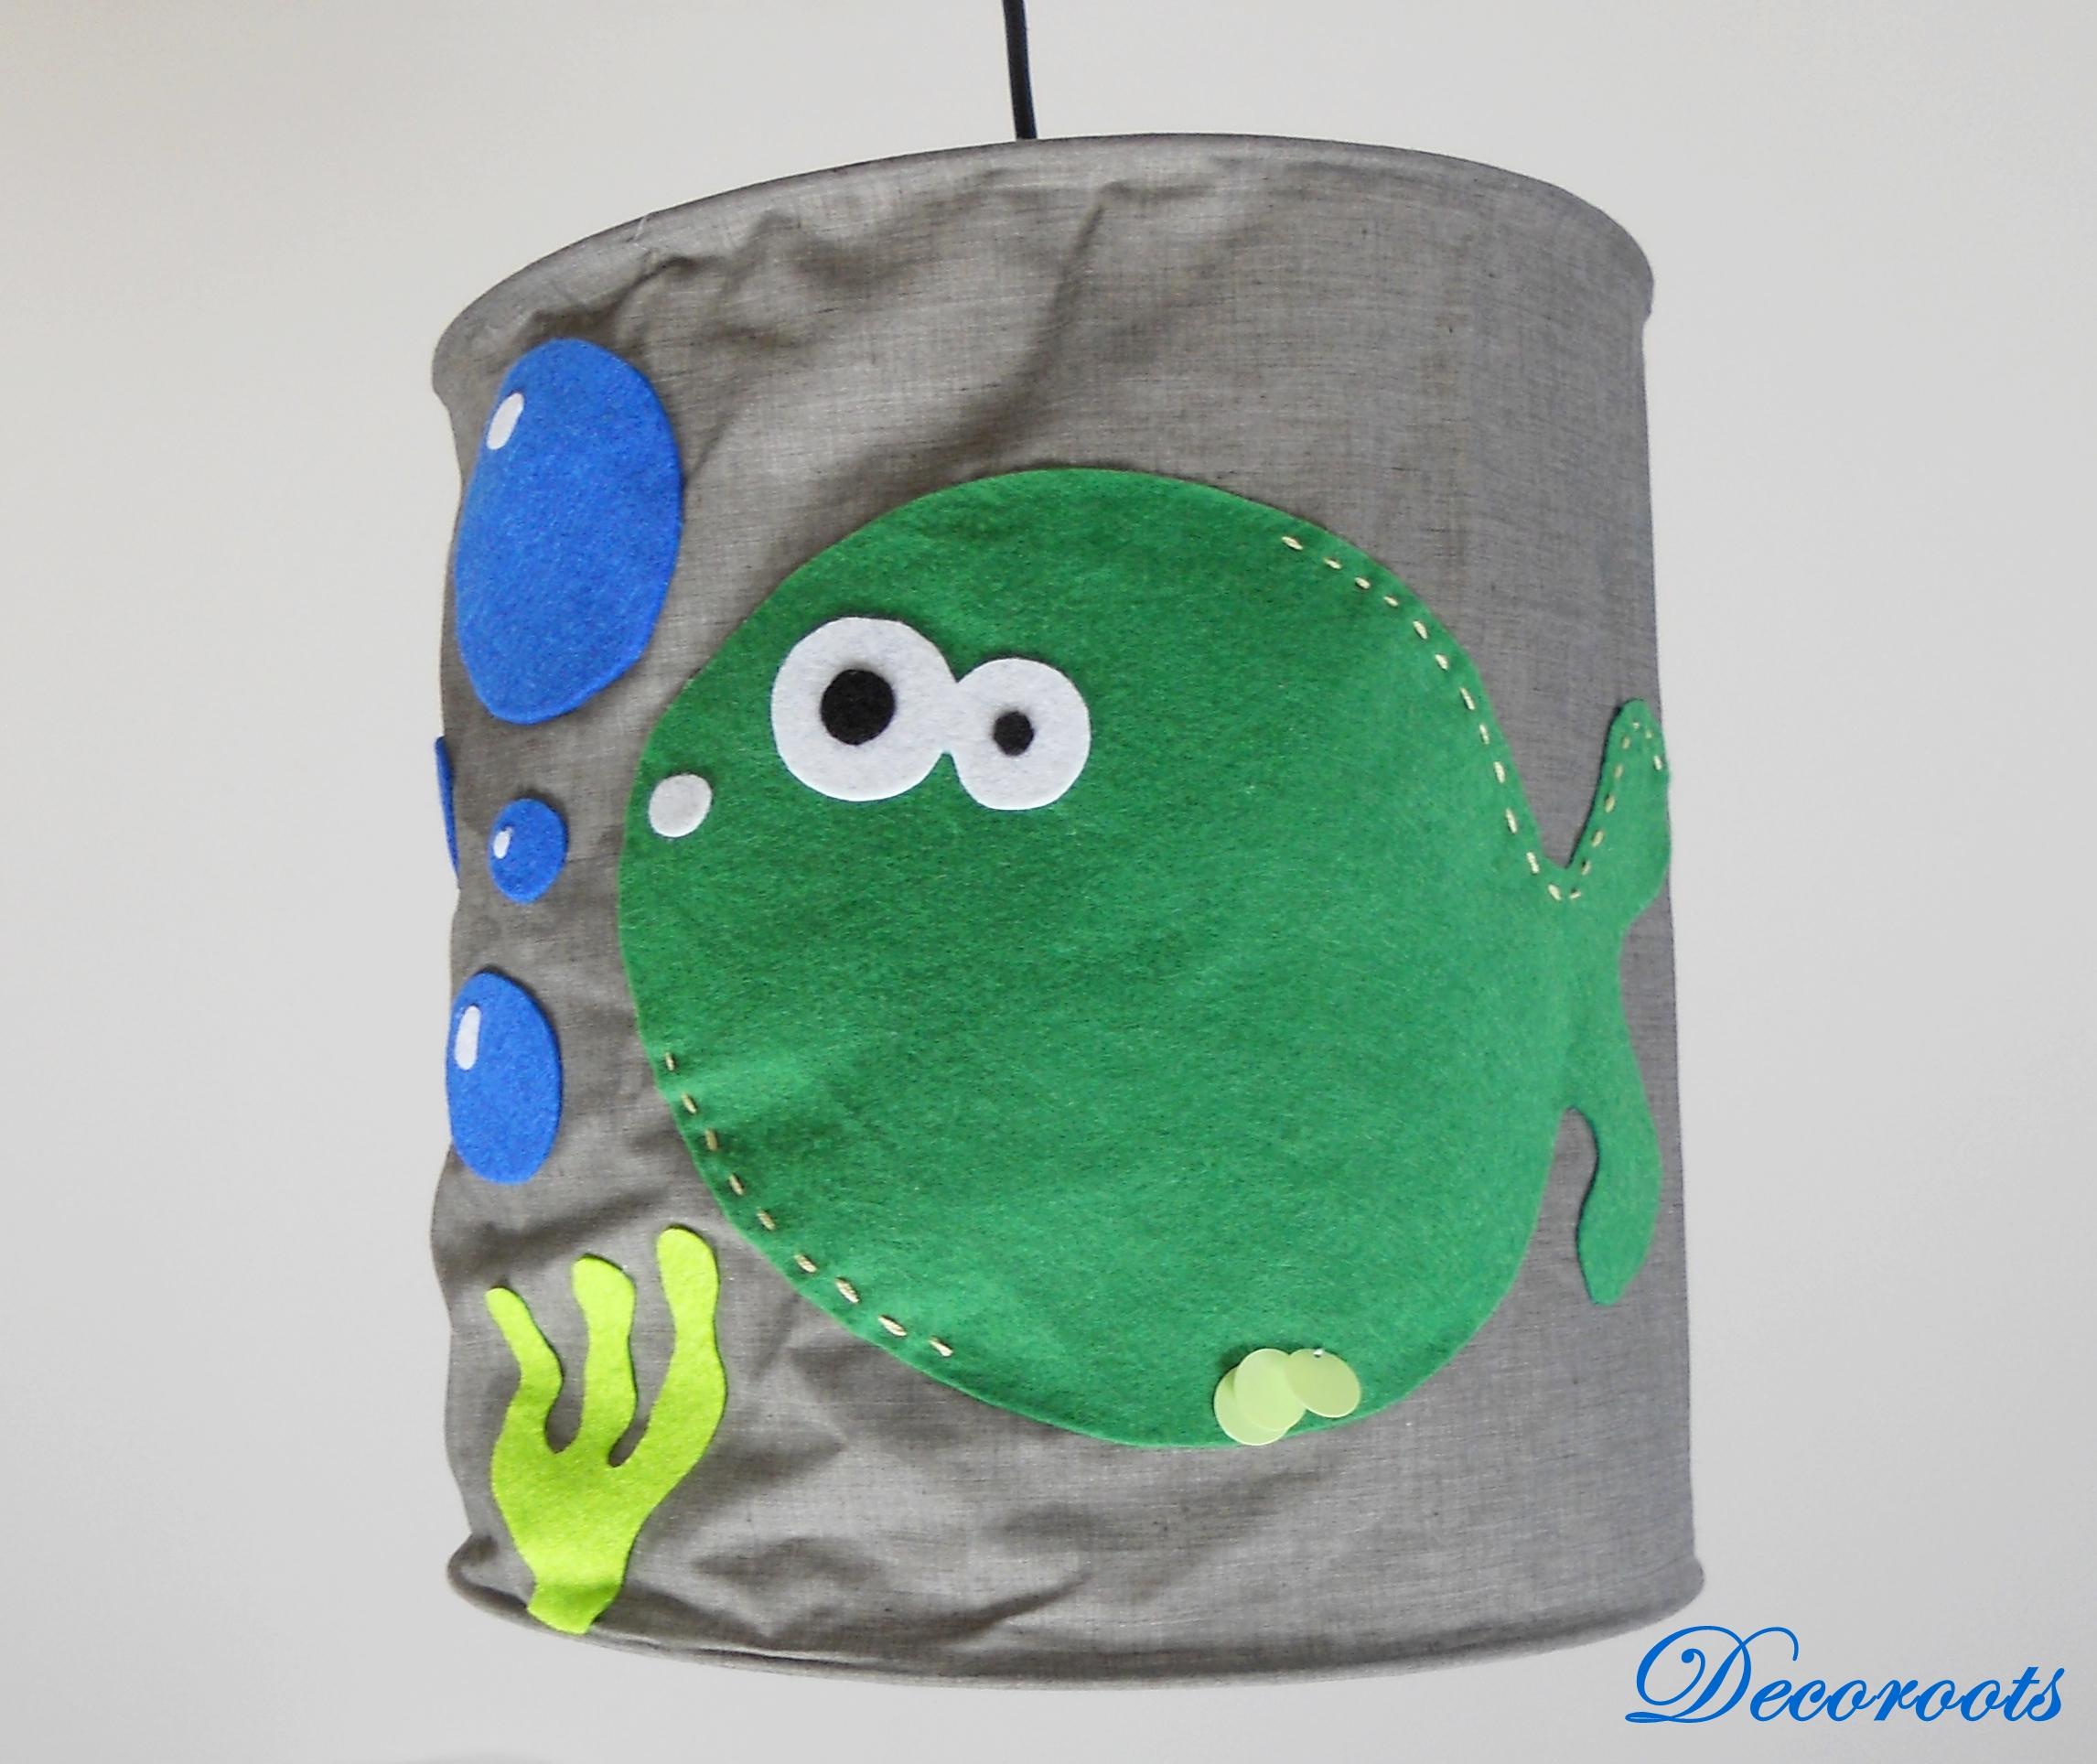 Enfant bébé   thème mer marin   decoroots